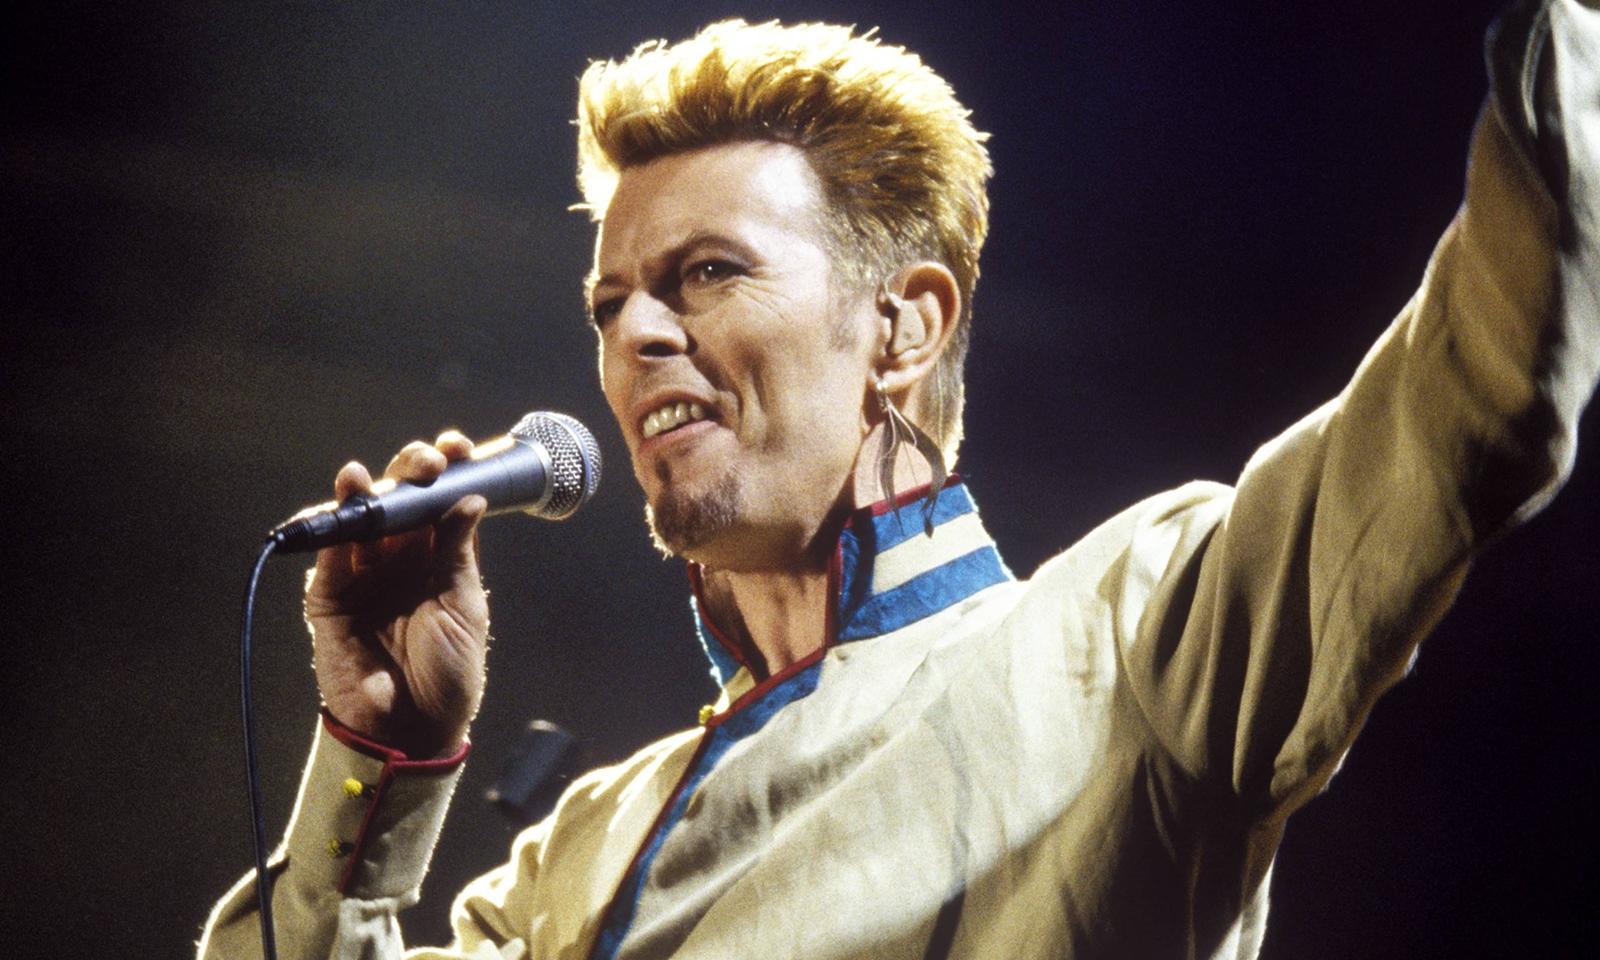 David Bowie 的三张 90 年代现场专辑将登陆各大音乐串流平台